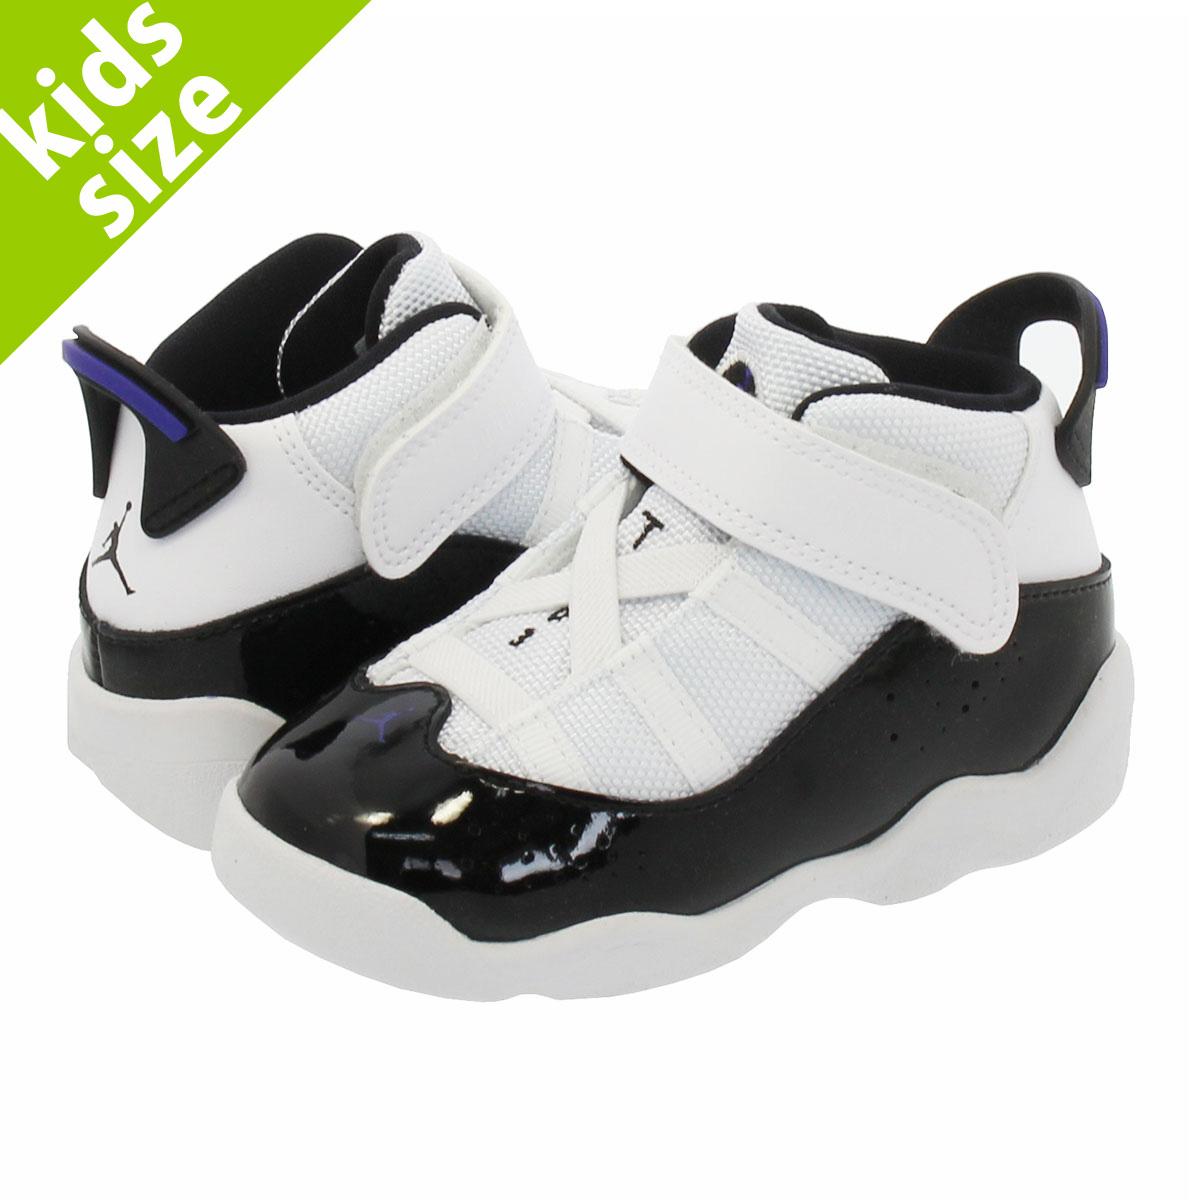 9dff40b57a4 SELECT SHOP LOWTEX: NIKE JORDAN 6 RINGS TD Nike Jordan 6 RINGS Co ...